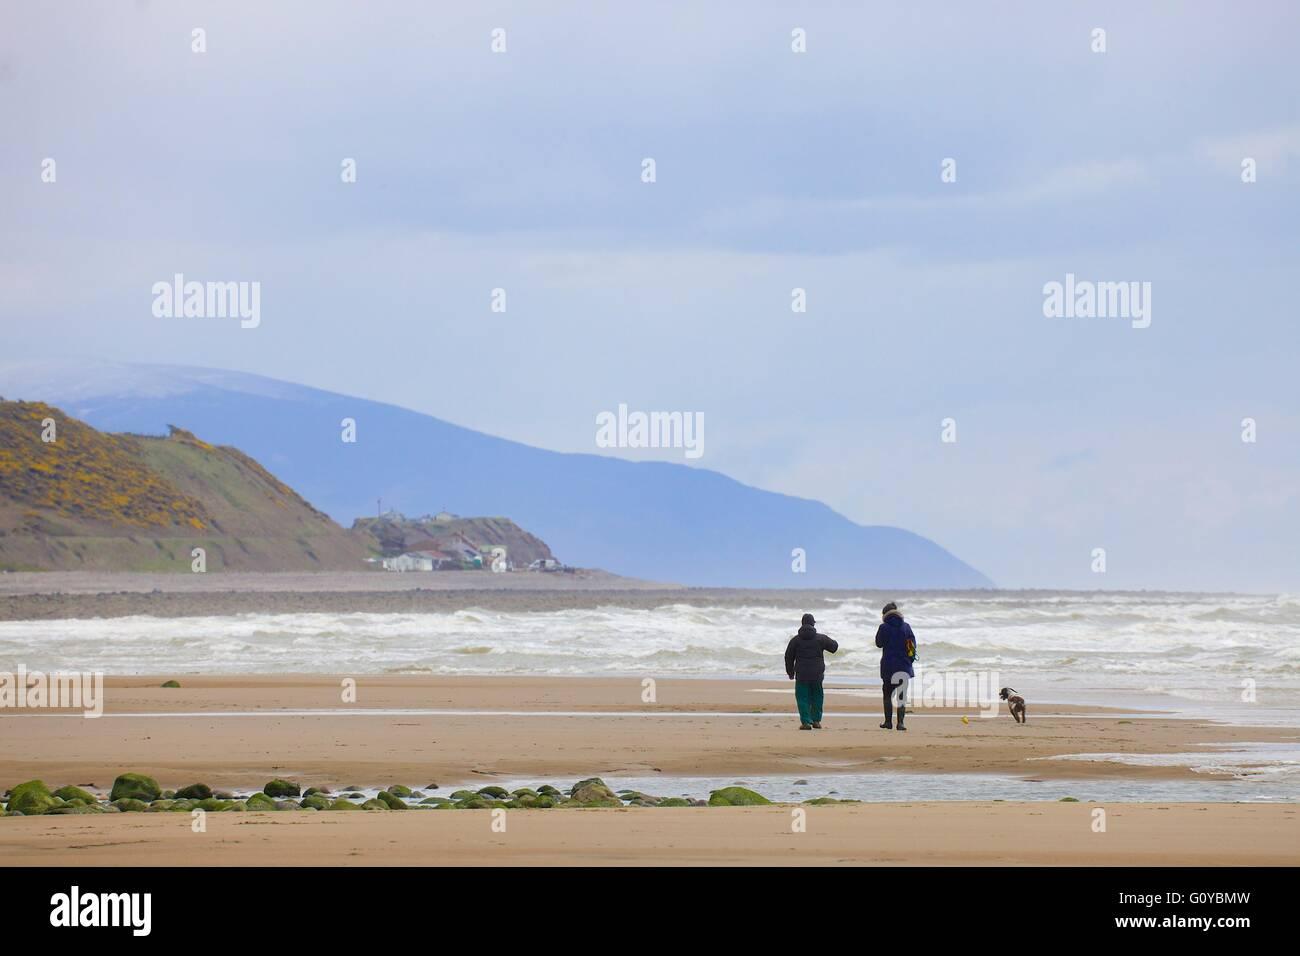 Saint Bees. Couple walking Dog on the beach. Cumbria, England, United Kingdom, Europe. - Stock Image